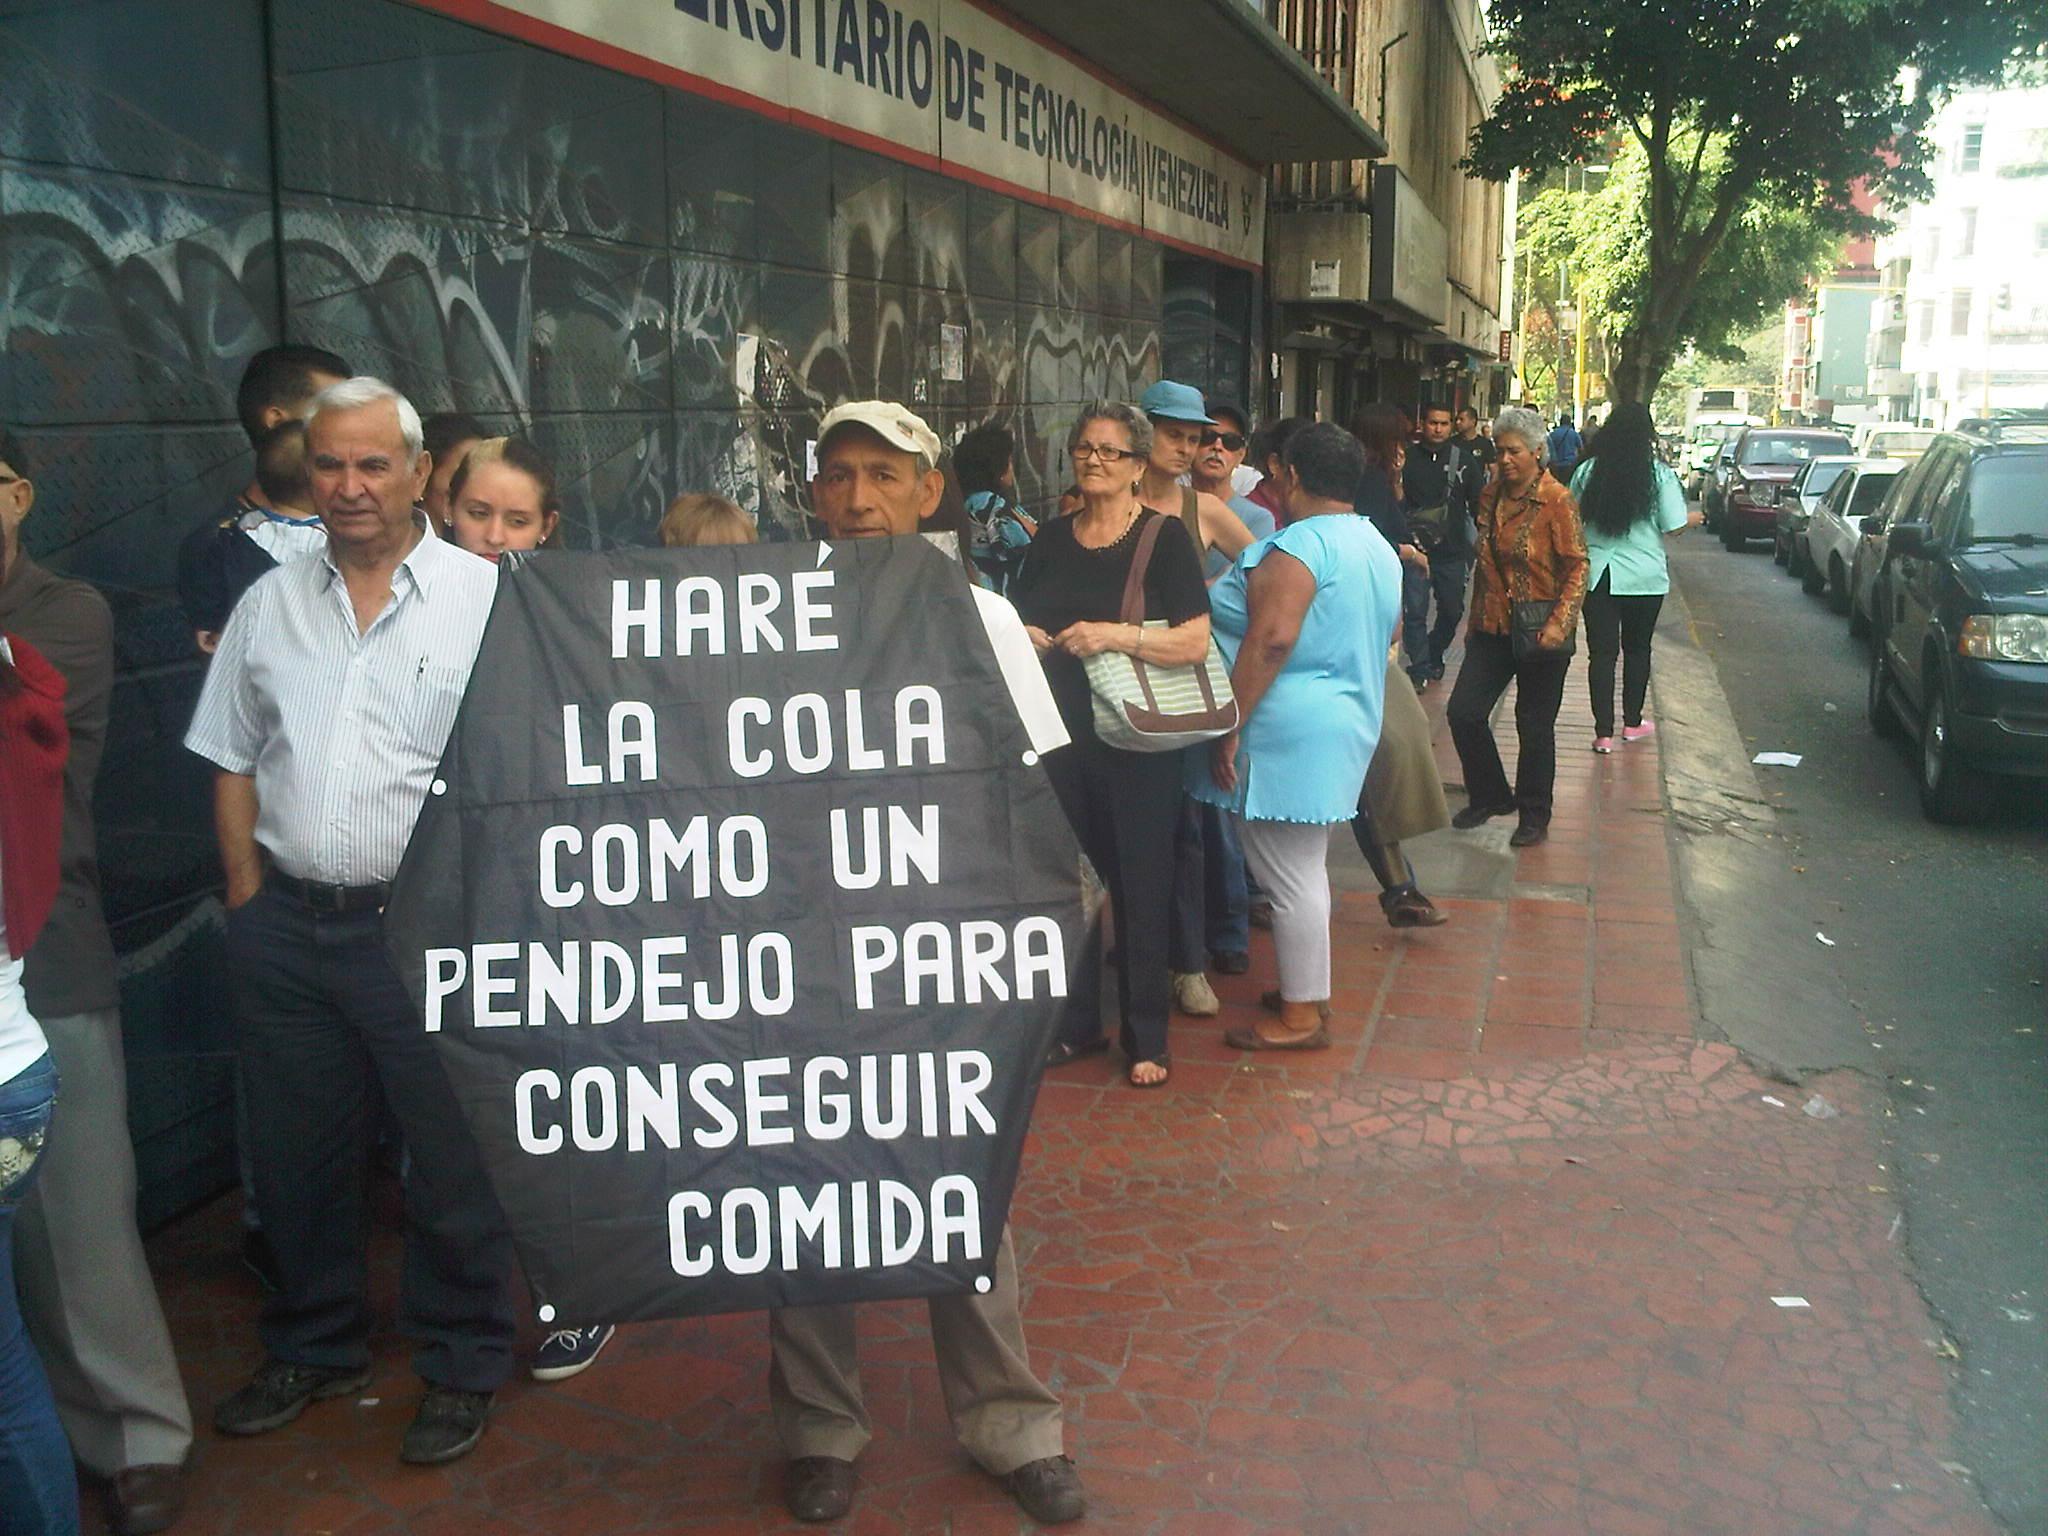 Resultado de imagen para las colas del hambre en venezuela